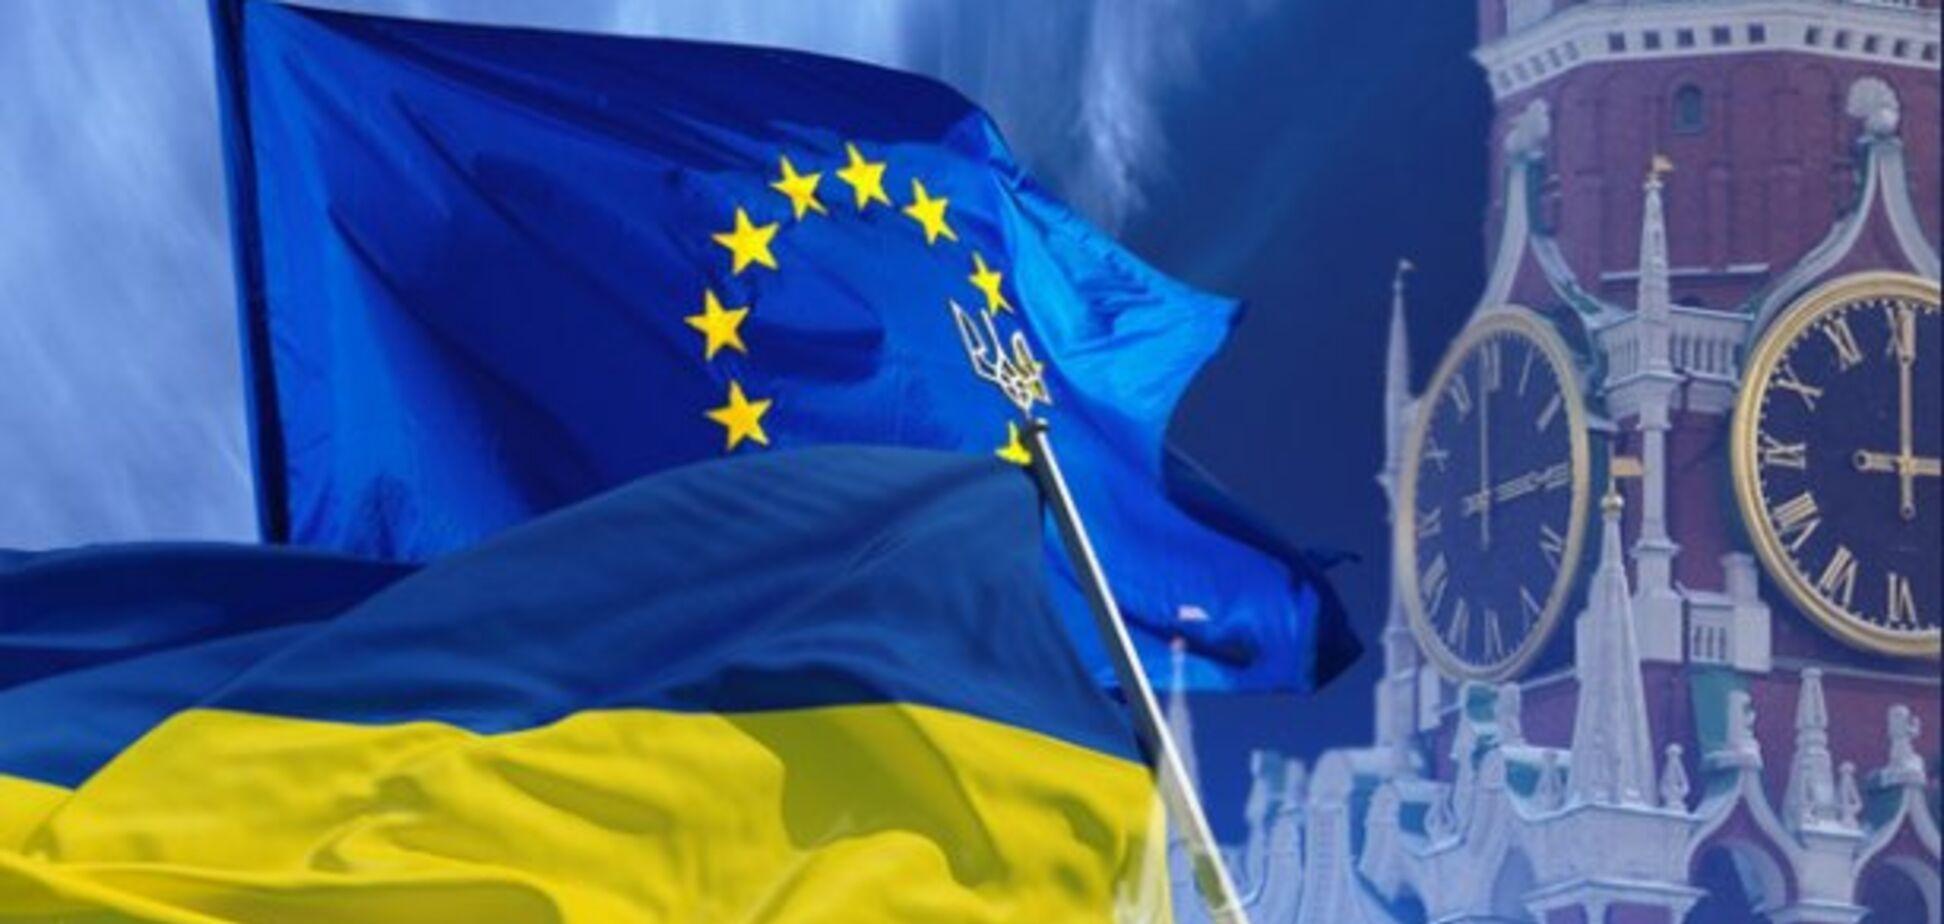 Генерал пояснив, чому Захід не врятував Україну від Росії